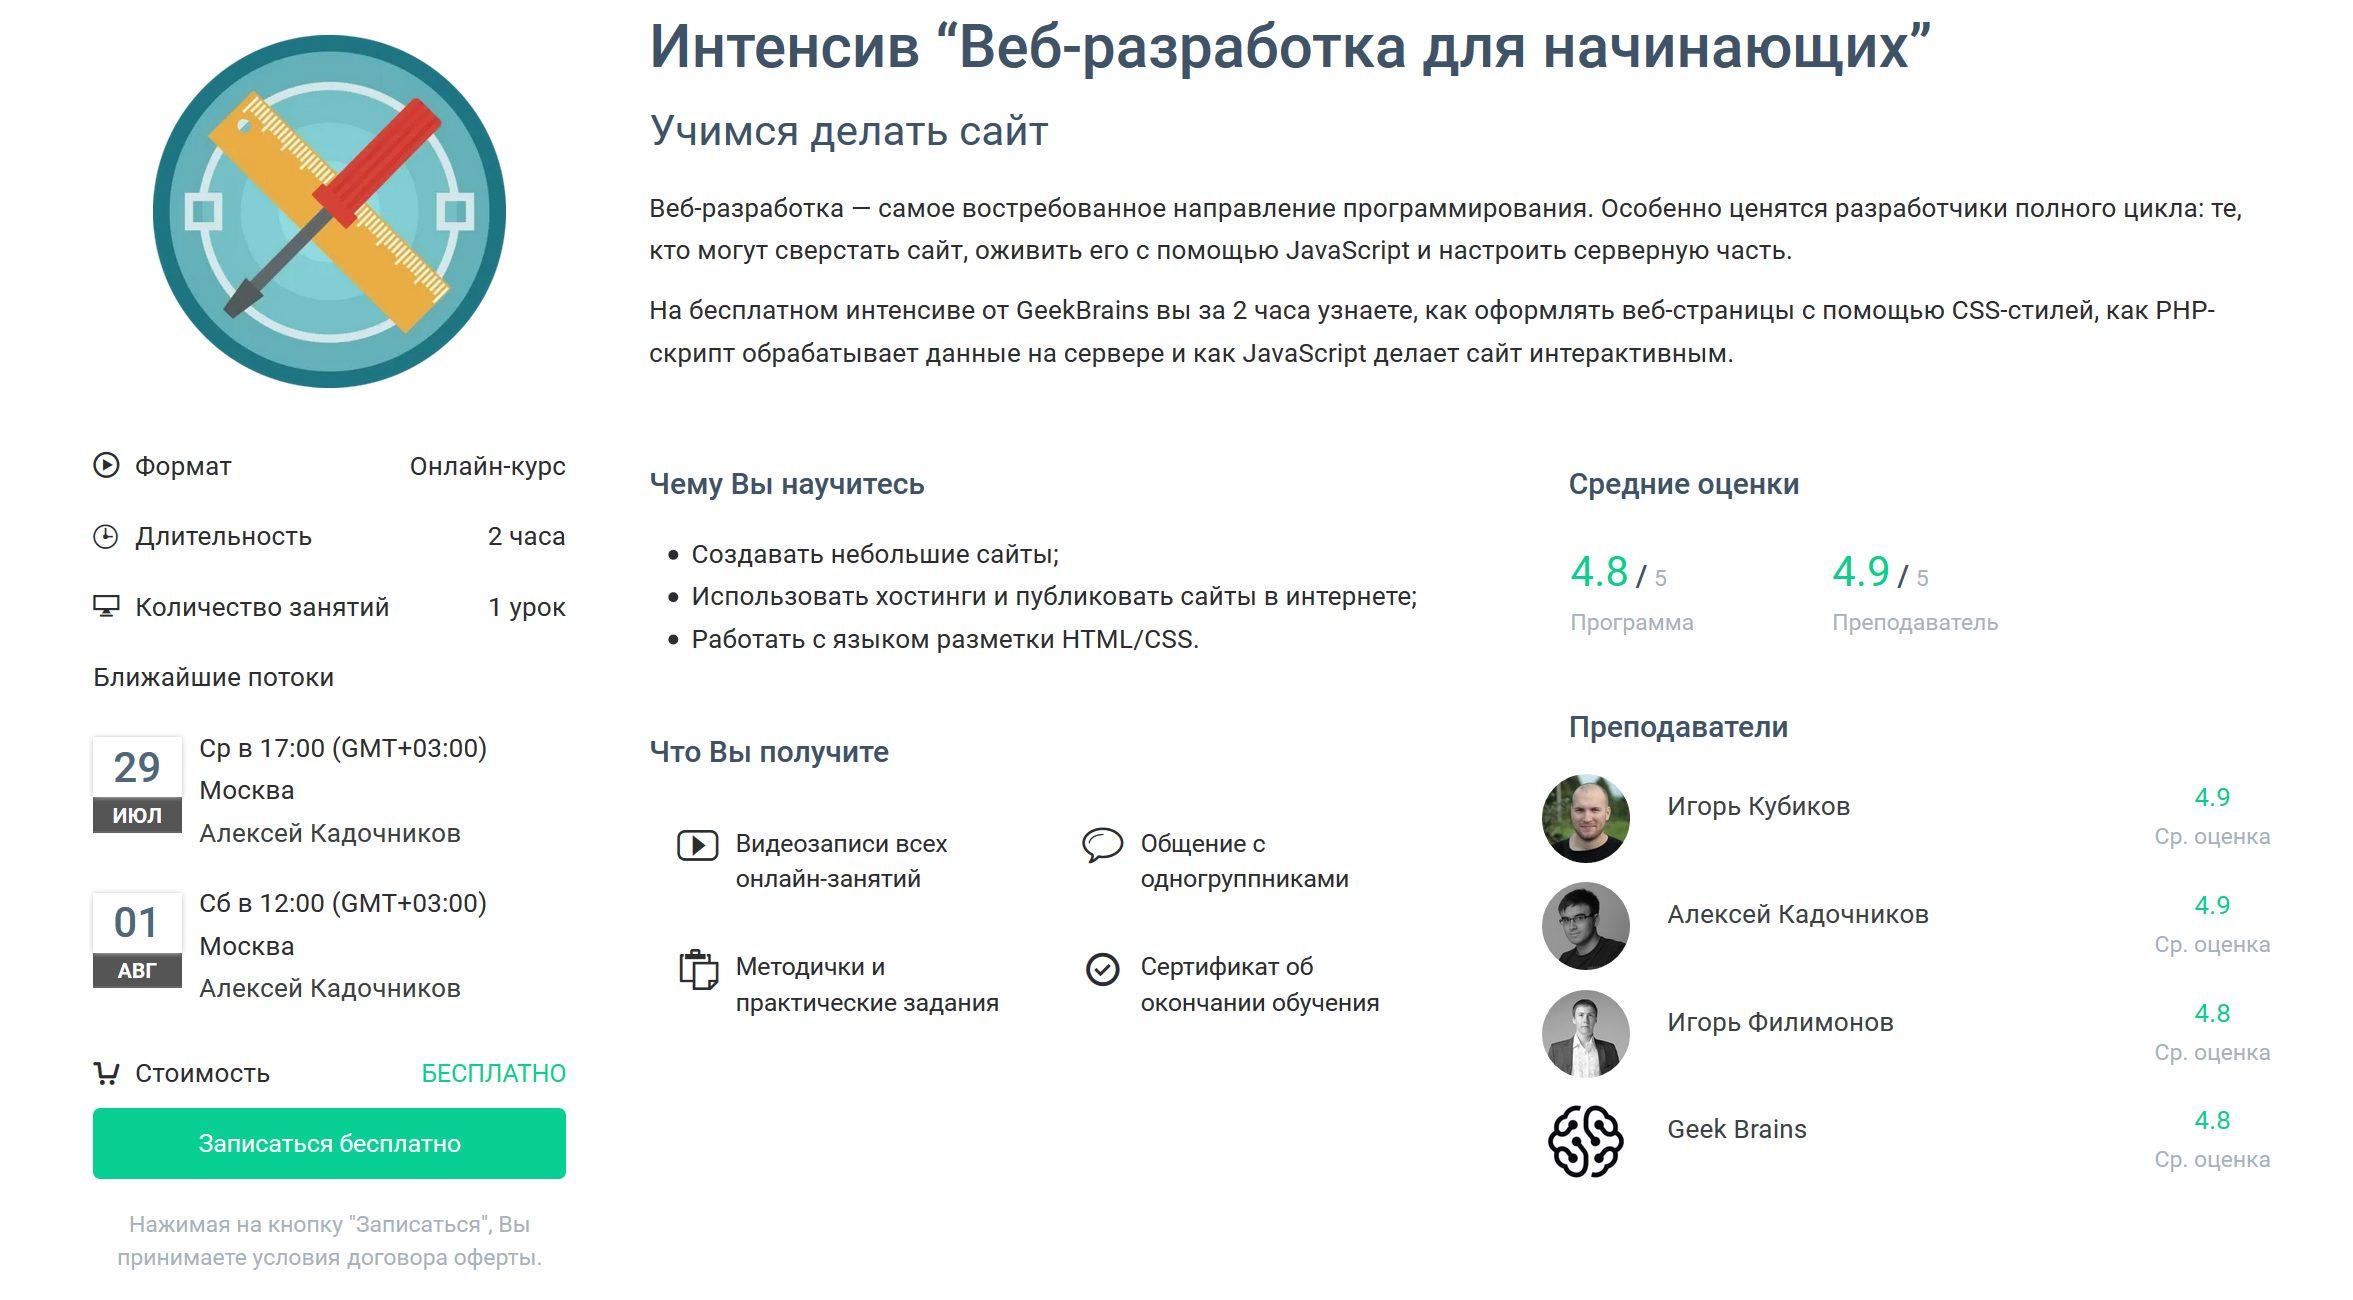 Как сделать сайт самому - бесплатные курсы по созданию сайтов с нуля онлайн-уроки по веб-разработке для начинающих на GeekBrains.ru GeekBrains - образовательный портал